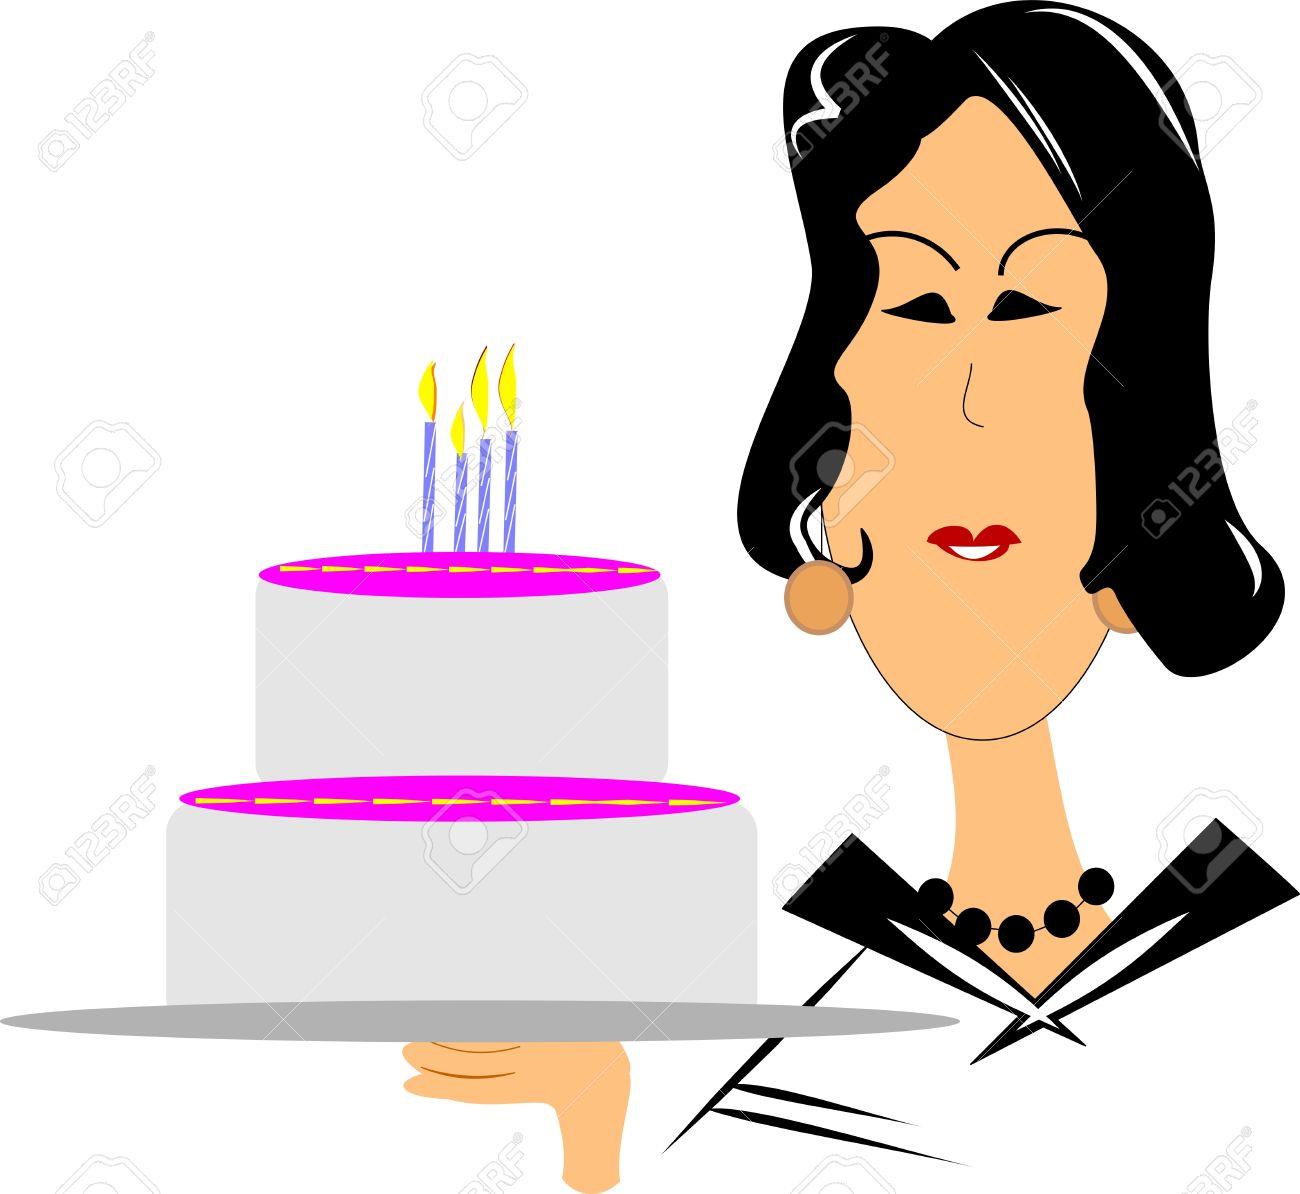 Mujer Madura Que Desean Un Feliz Cumpleaños Ilustraciones.